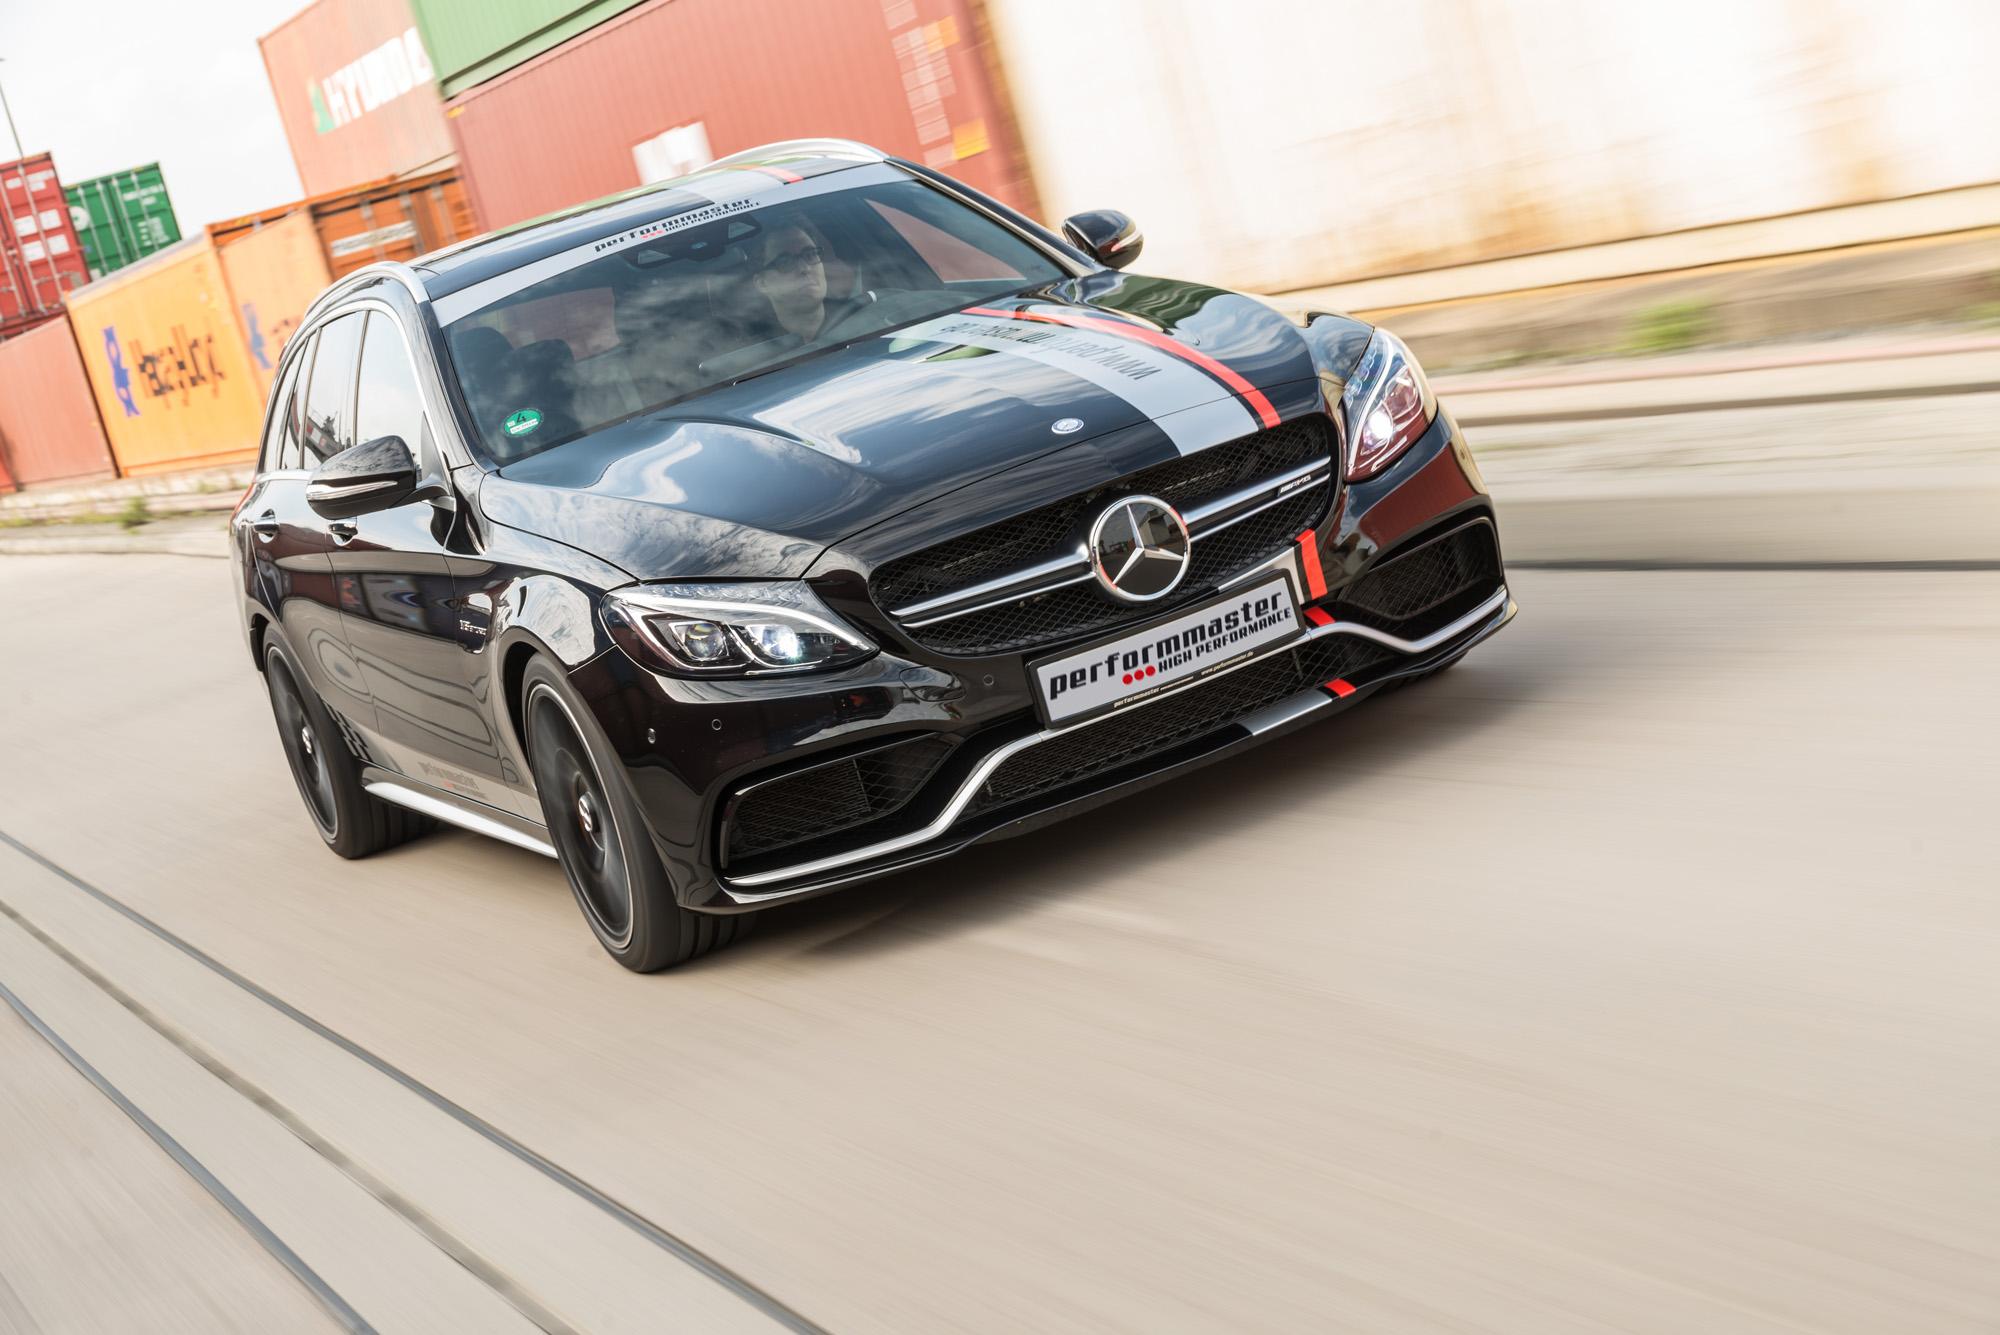 Leistung top, Optik so lala - der Mercedes-AMG C 63 S von performmaster